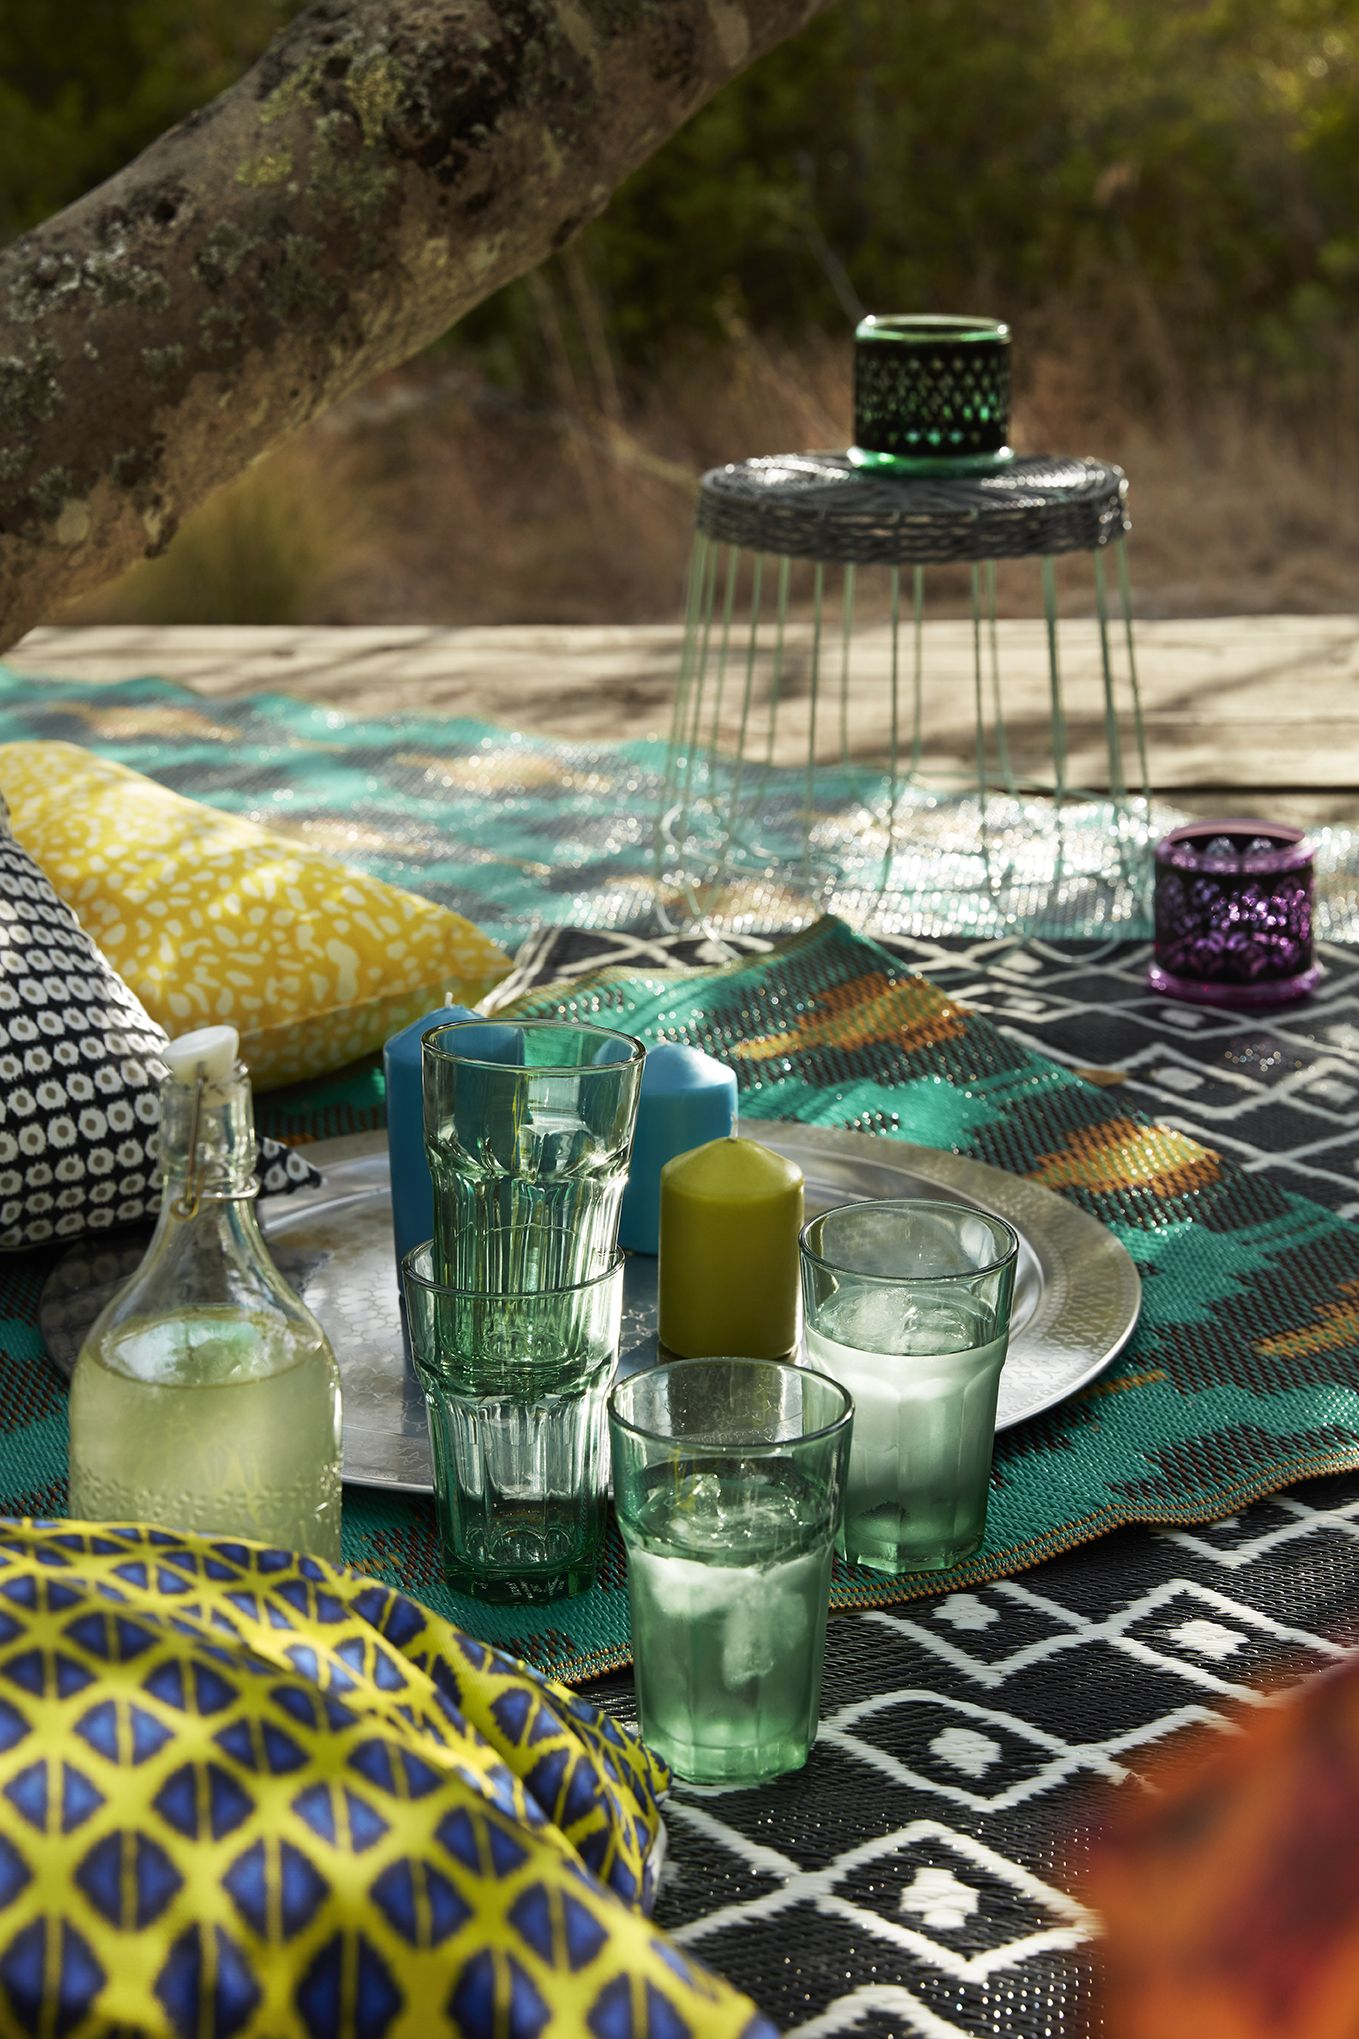 eb9acfbb34fb22c08aa59ff70c3666e2 Impressionnant De Ikea Table Exterieur Conception